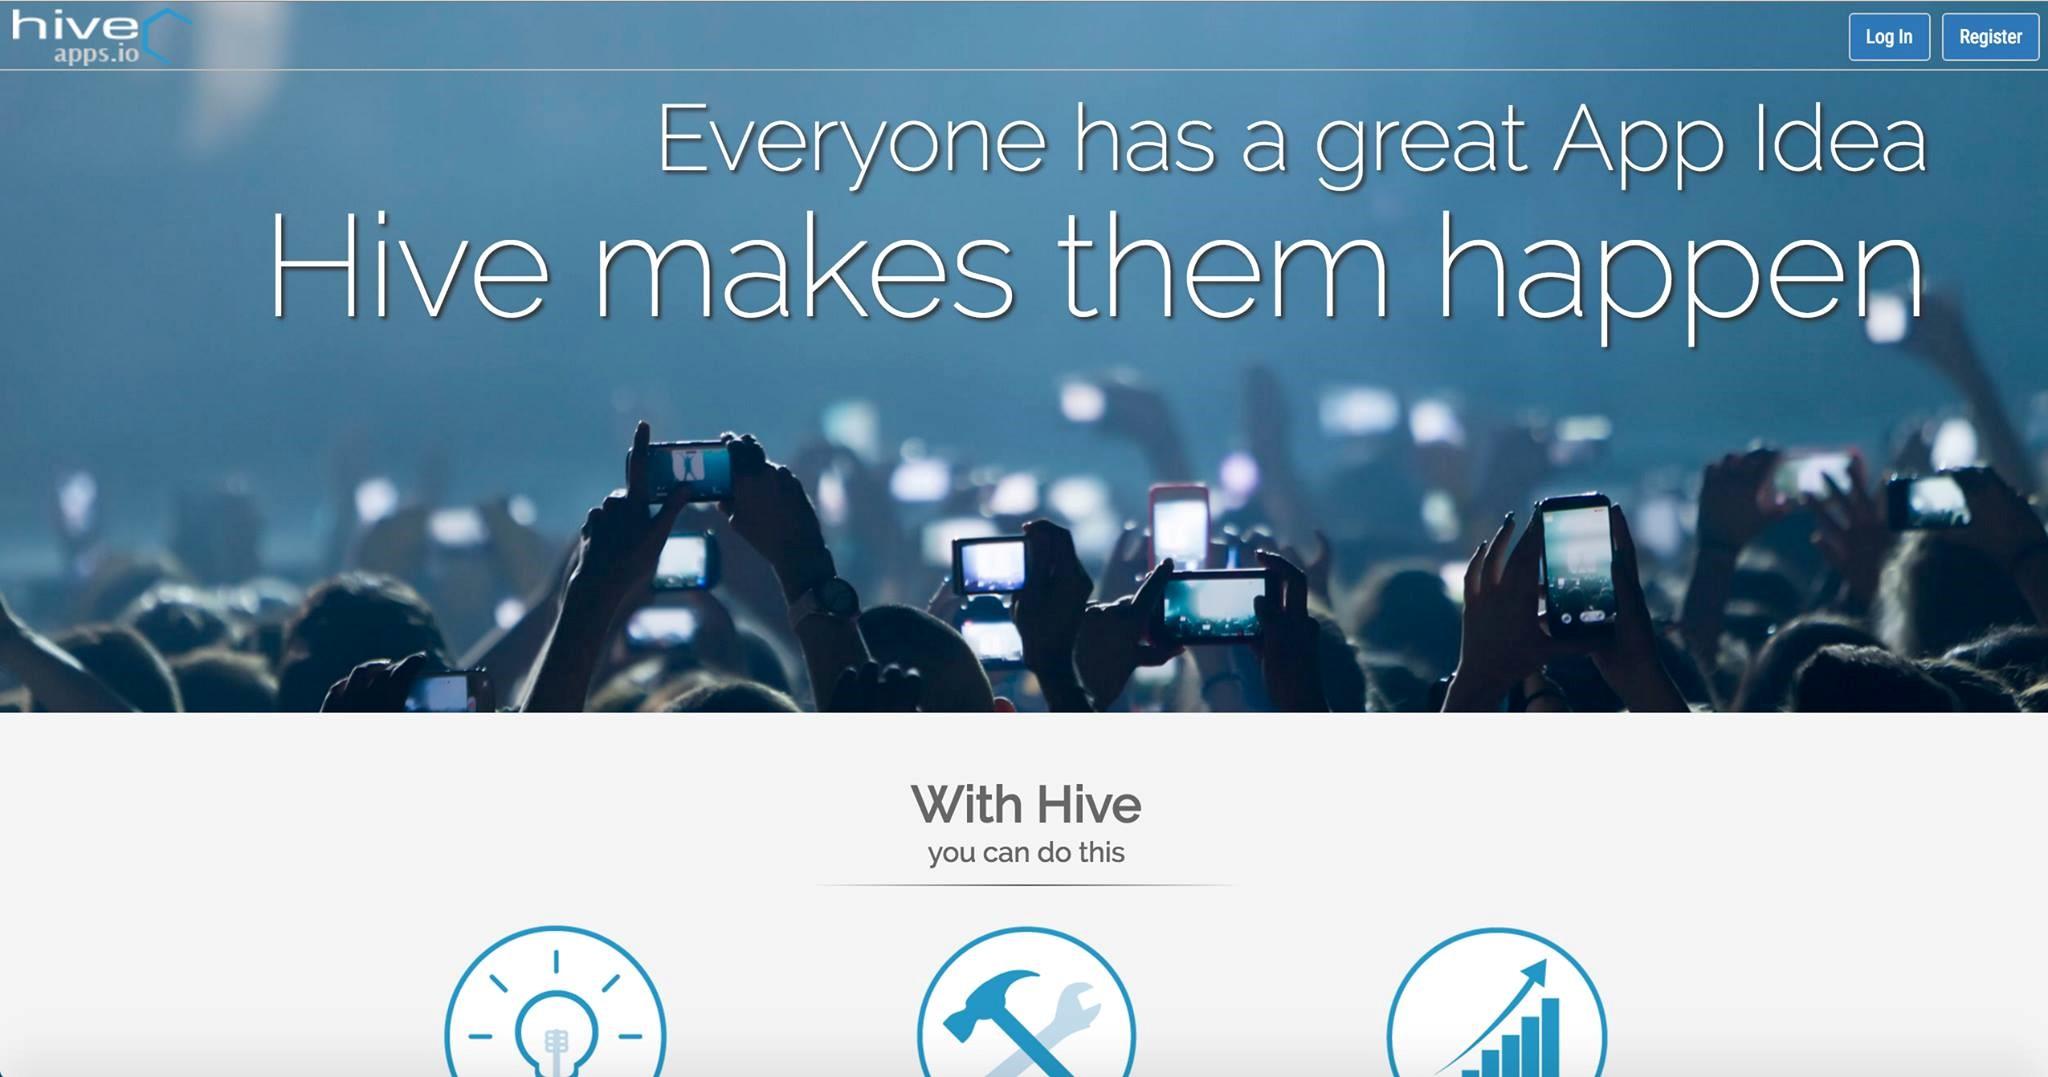 hive main image